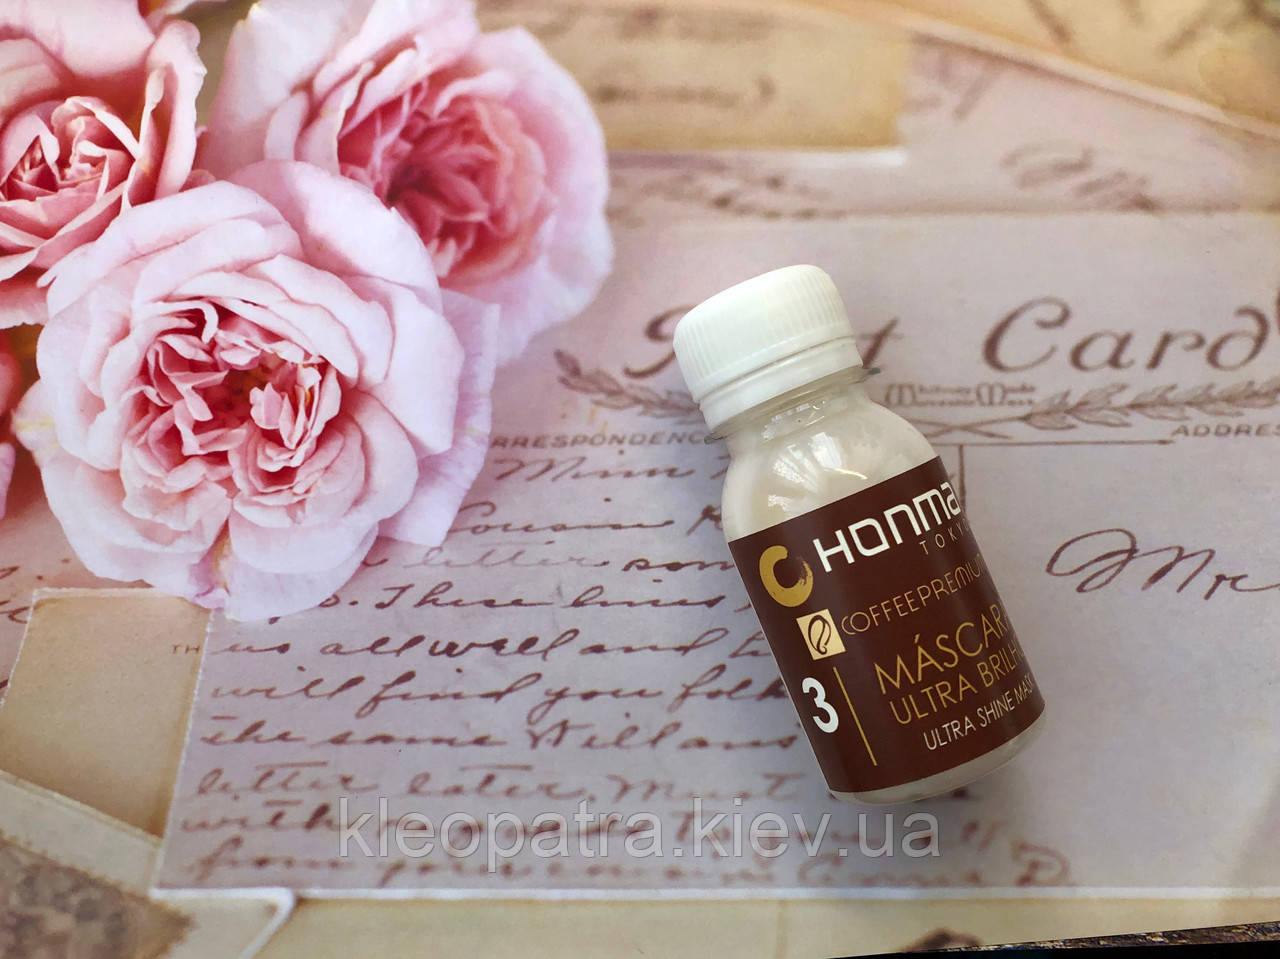 Маска ультра блеск Honma Tokyo coffee premium all liss шаг-3 объем 50мл